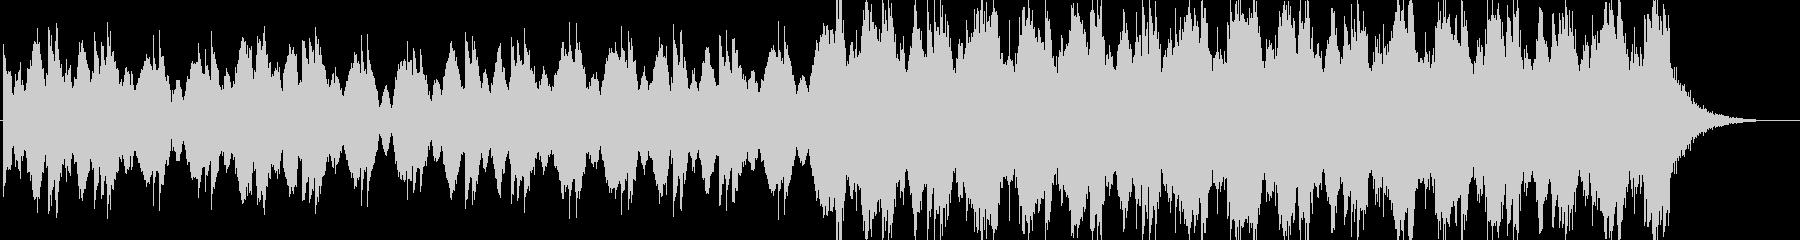 シネマティック01・壮大・ハリウッドの未再生の波形